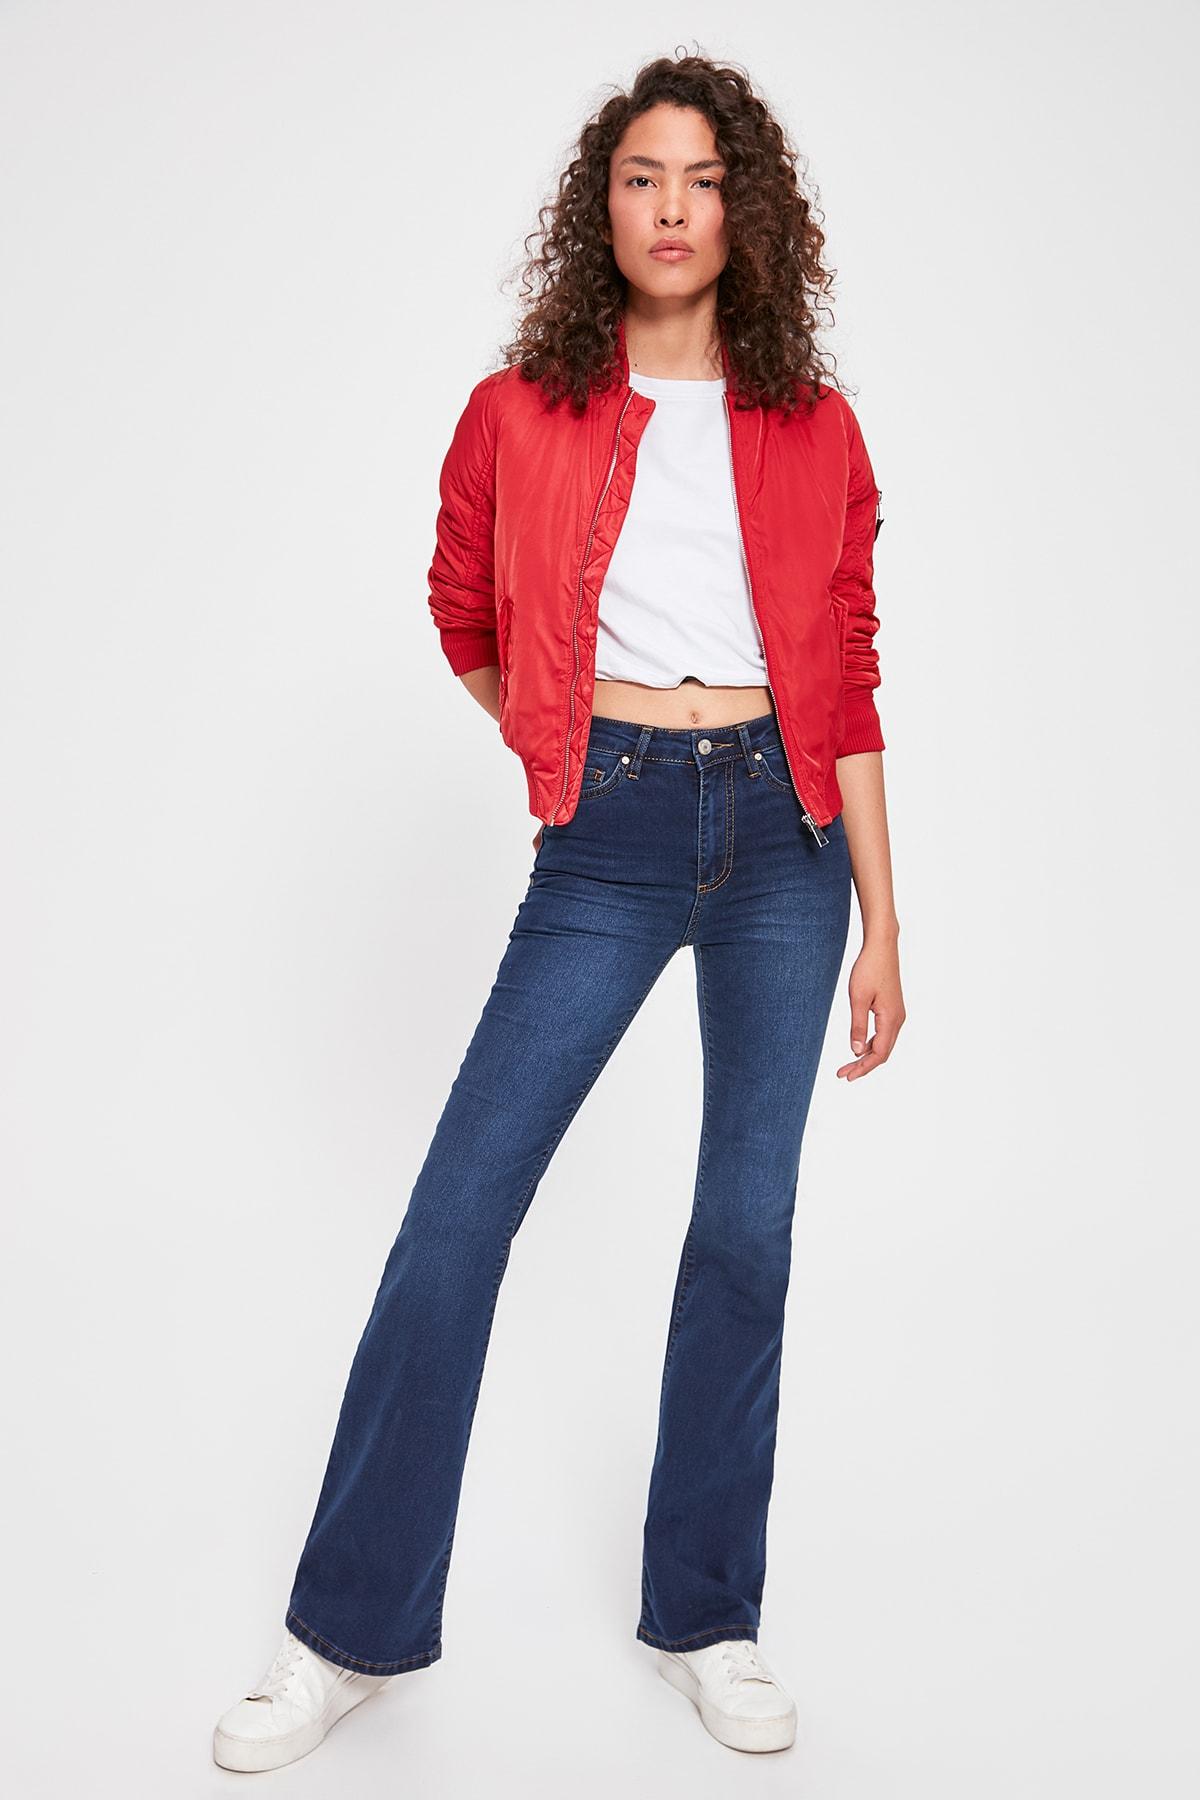 Trendyol High Waist Flare Jeans TWOAW20JE0169